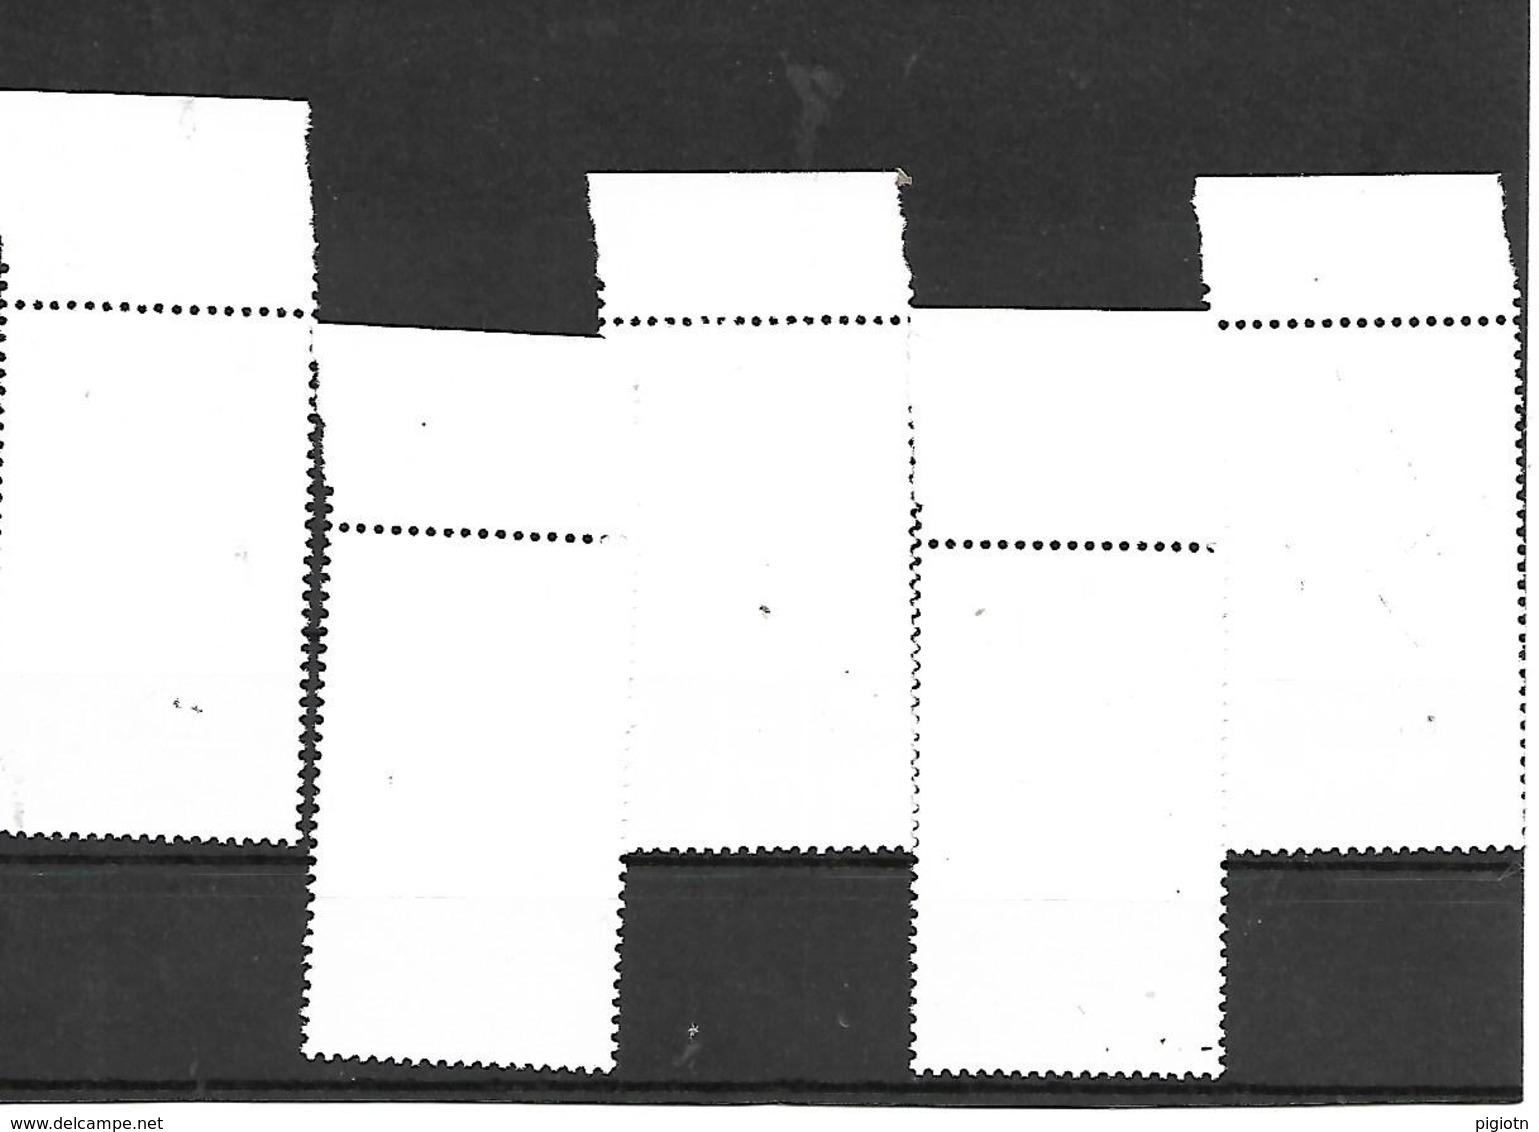 CINA002 - 1965 CINA STAMPS - CONQUISTA DELLE MONTAGNE - NUOVA! GOMMA INTEGRA PERFETTA ** - Nuovi